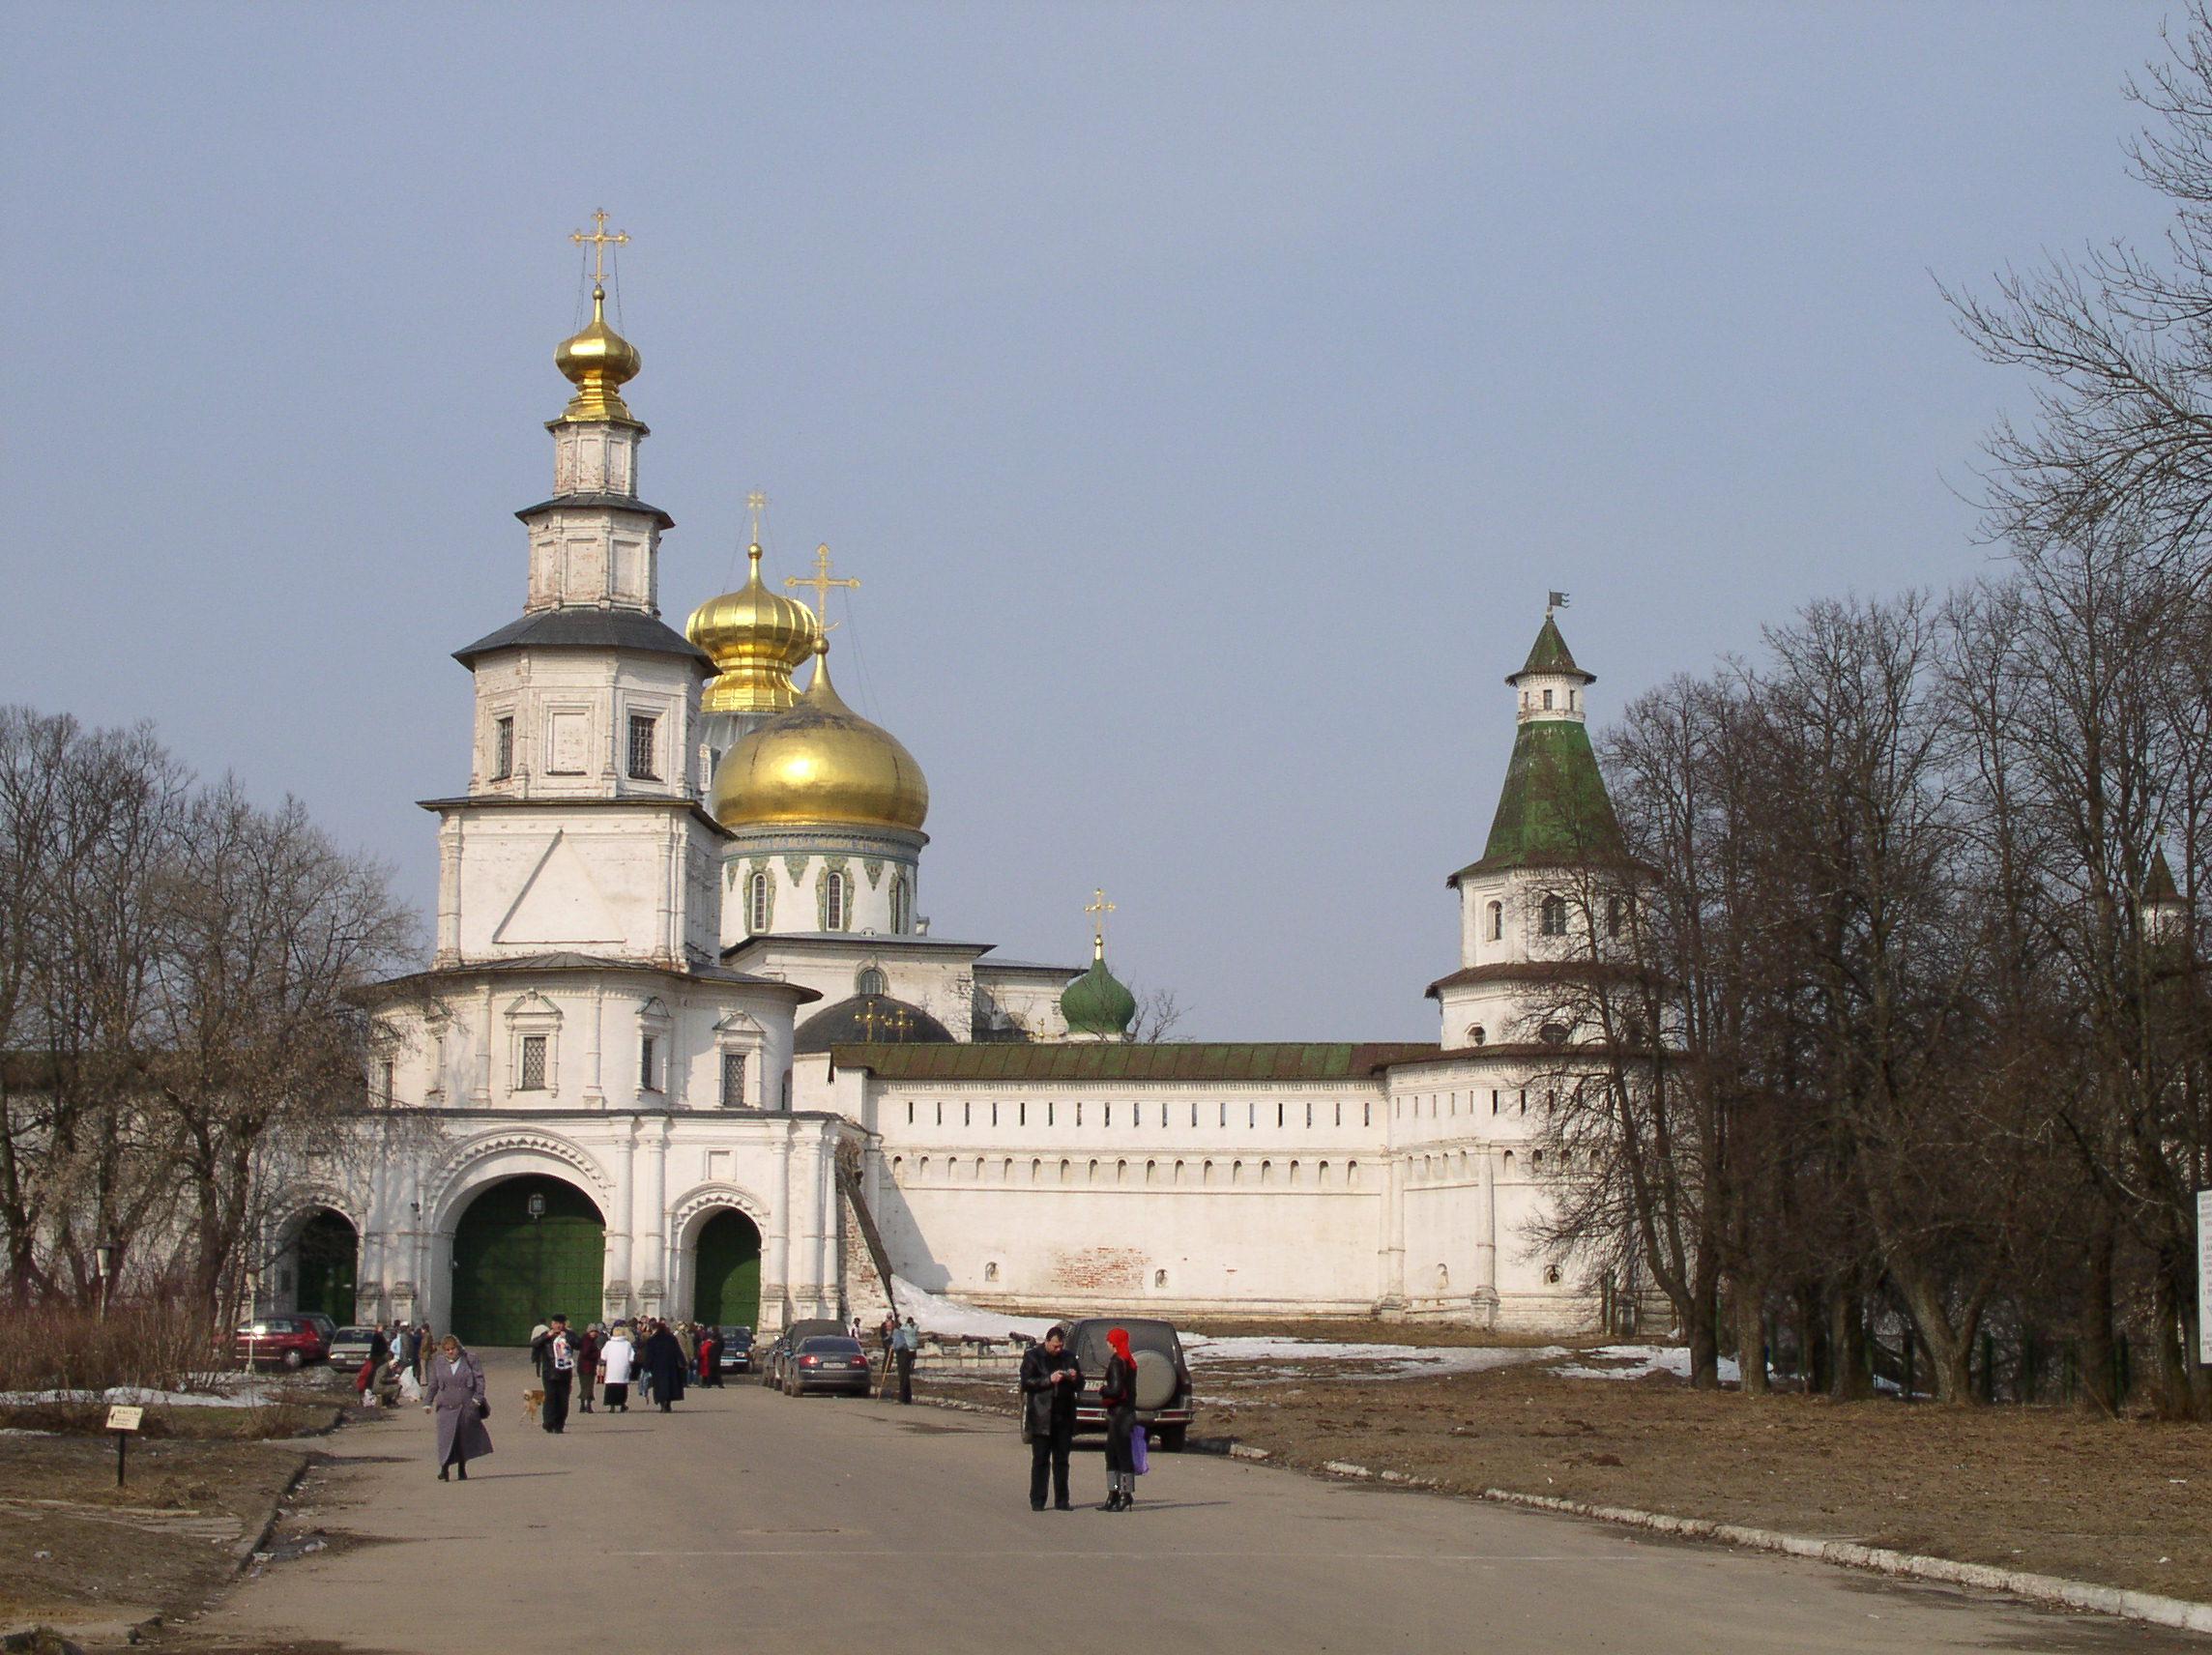 伊斯特拉 (莫斯科州)